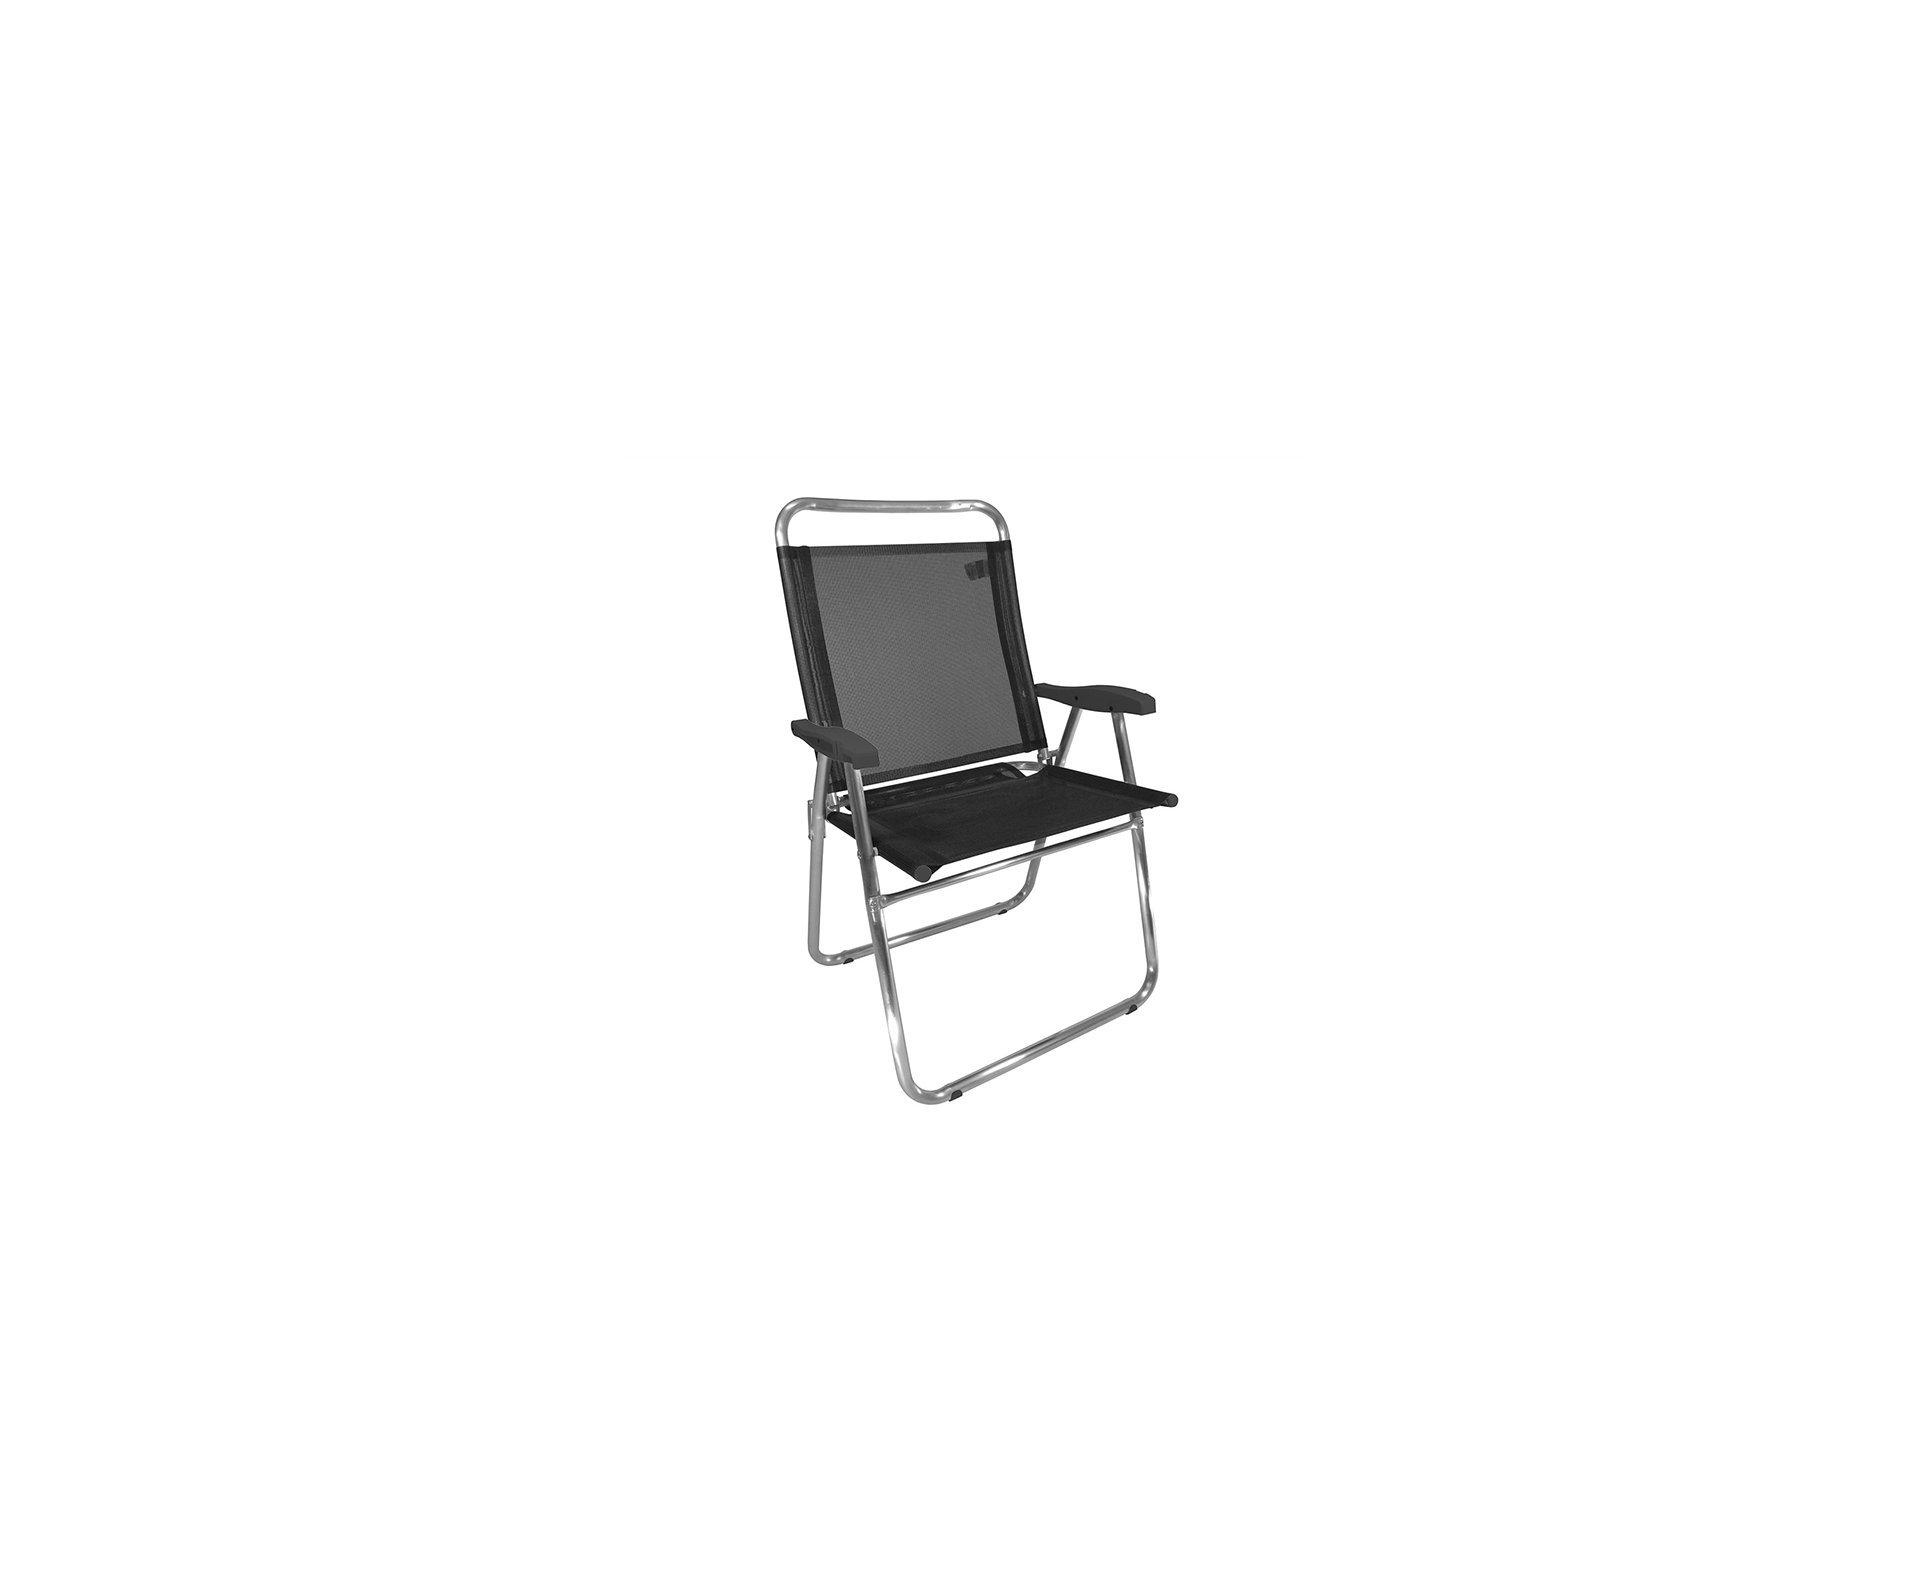 Cadeira De Praia Em Aluminio Zaka King Preta Capacidade 140kg